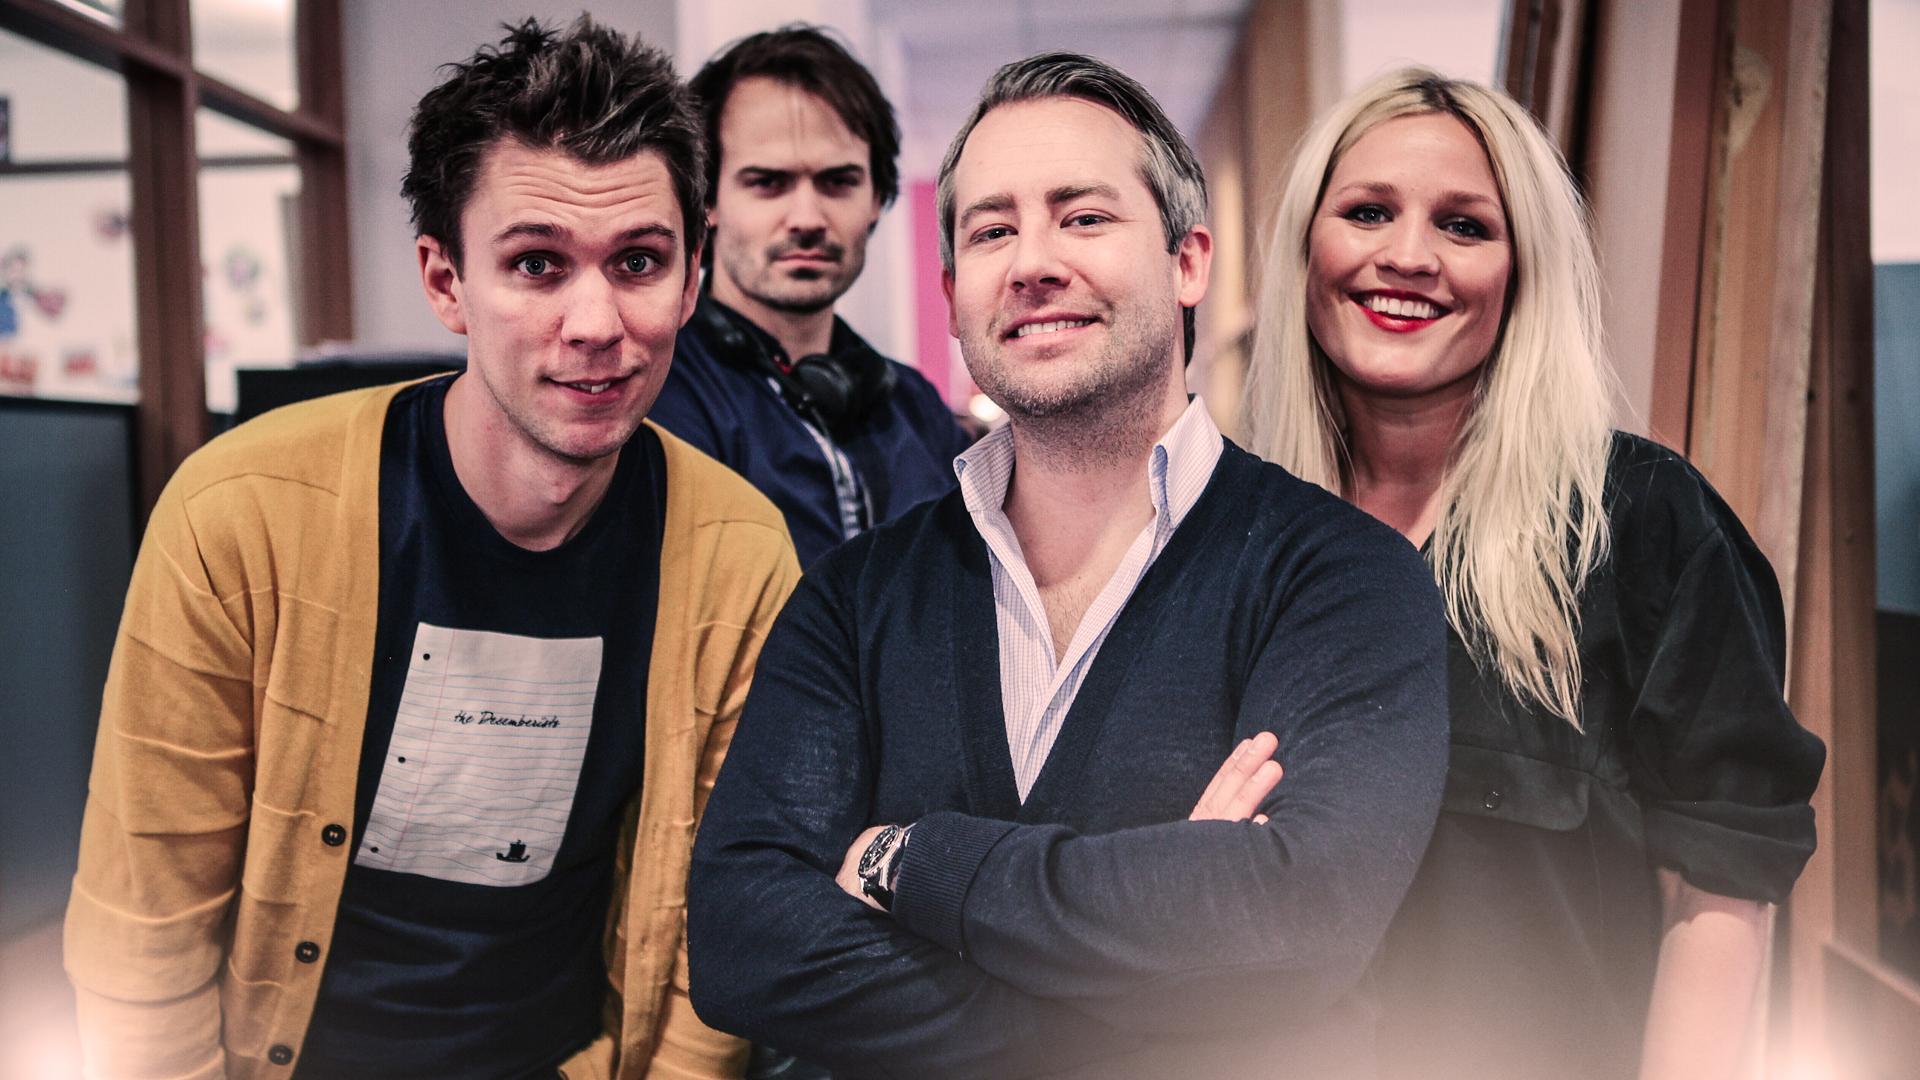 Øyvinds redaksjon: Torkil Risan (programleder), Wolfgang Wee (manusforfatter), Øyvind Thoen (prosjektleder) og Maria Bodøgaard (kjendisregissør) (Foto: NRK P3).